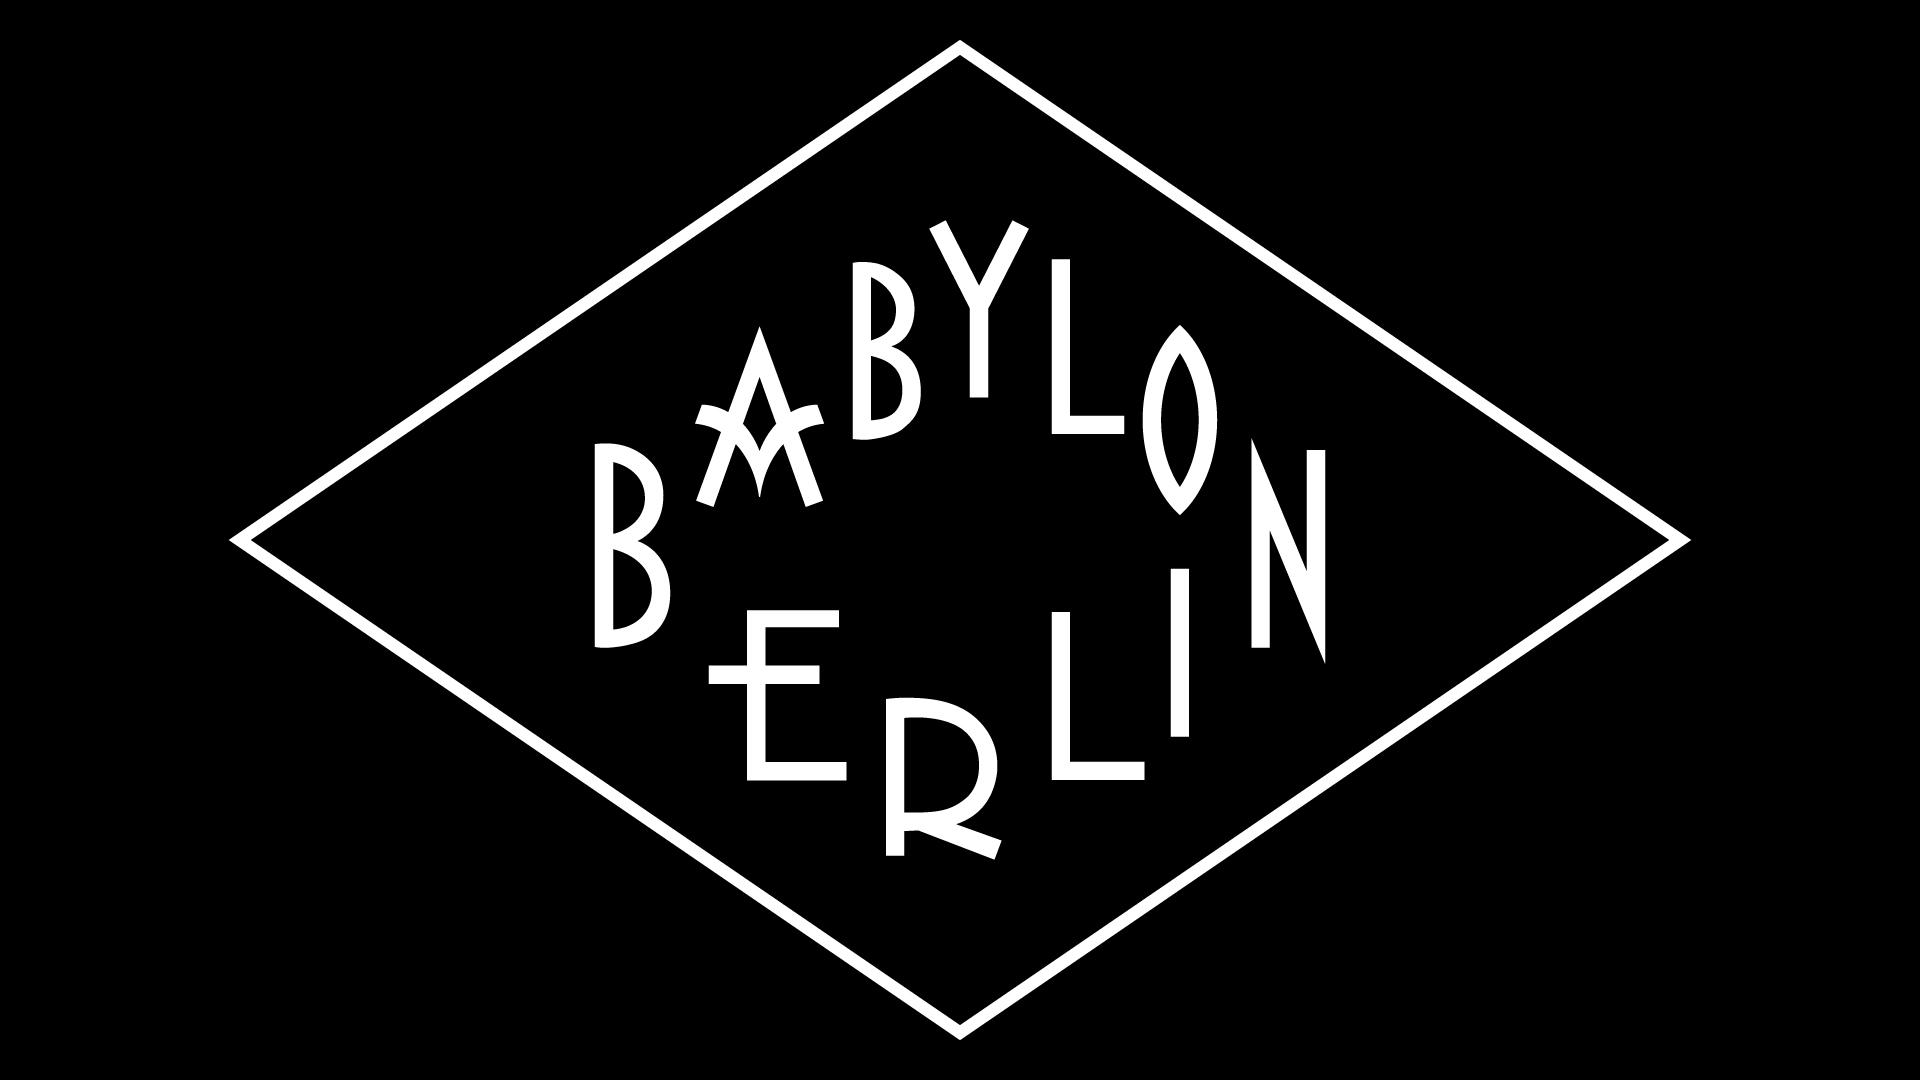 Maak kans op het derde seizoen van Babylon Berlin